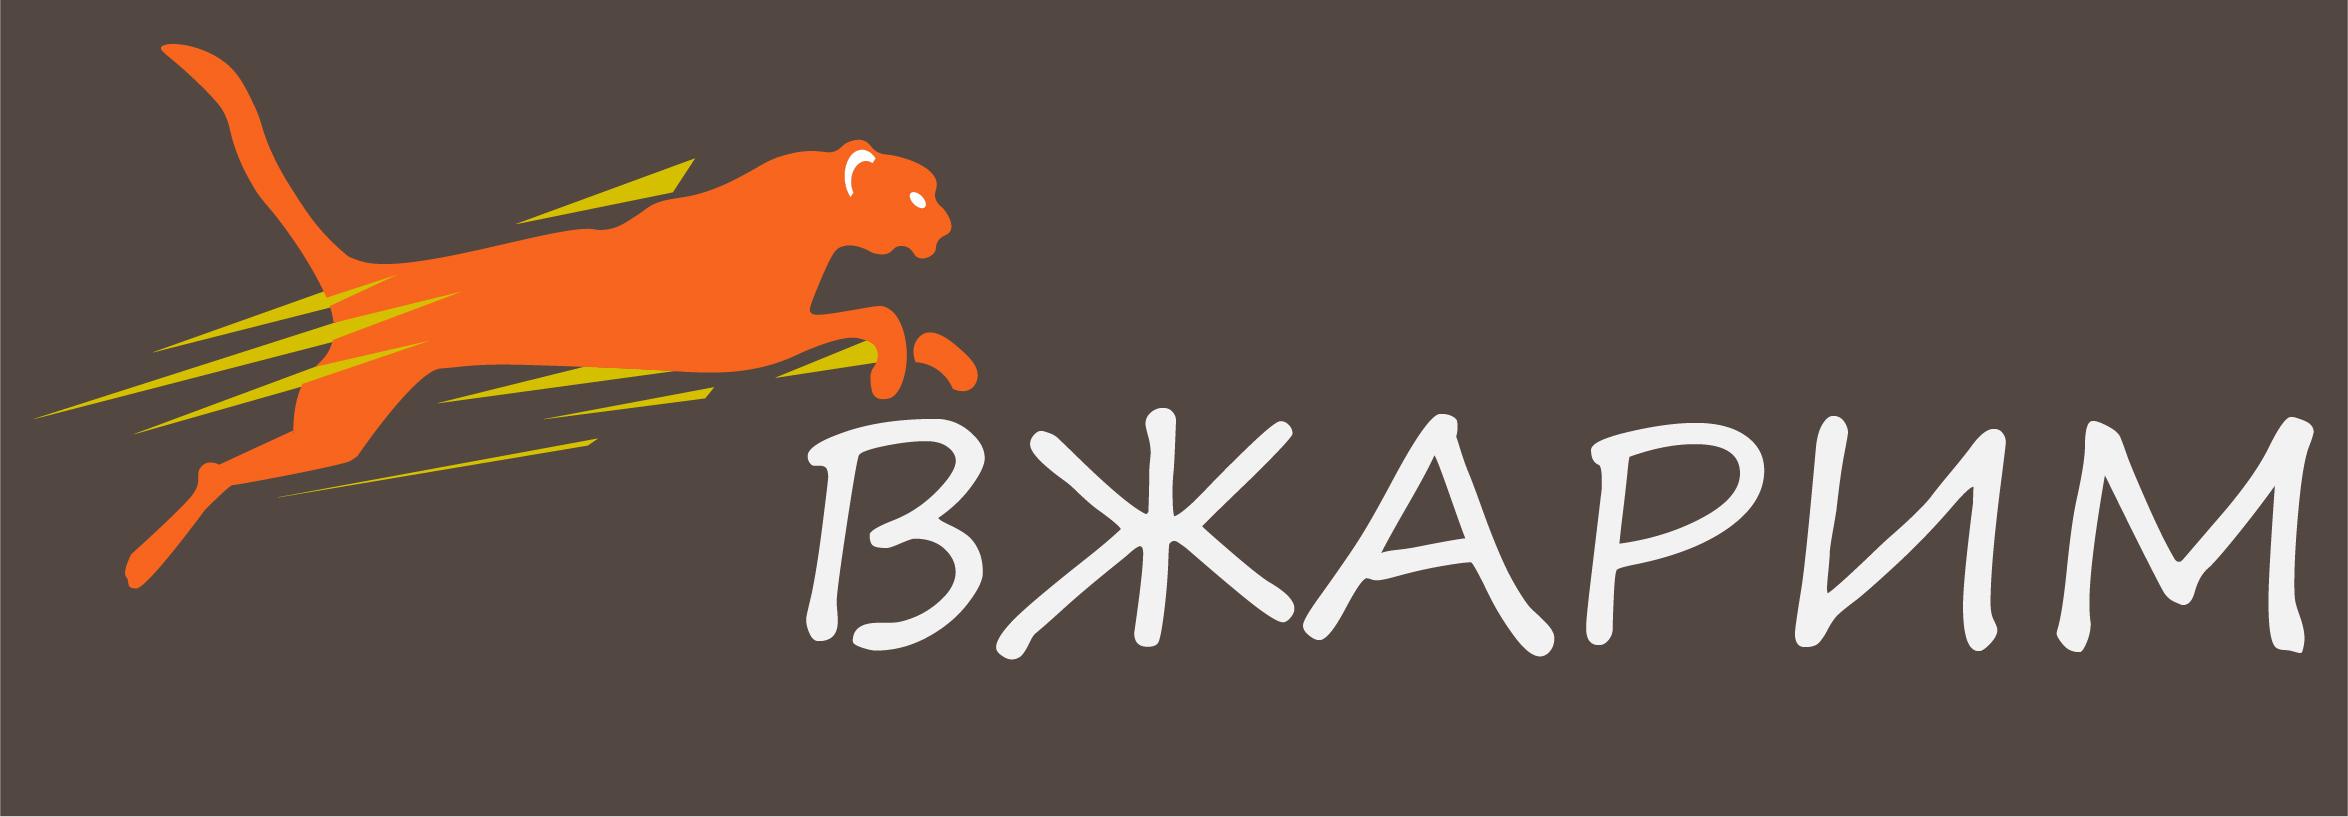 Требуется, разработка логотипа для крафт-кафе «ВЖАРИМ». фото f_27760116412cbf06.jpg